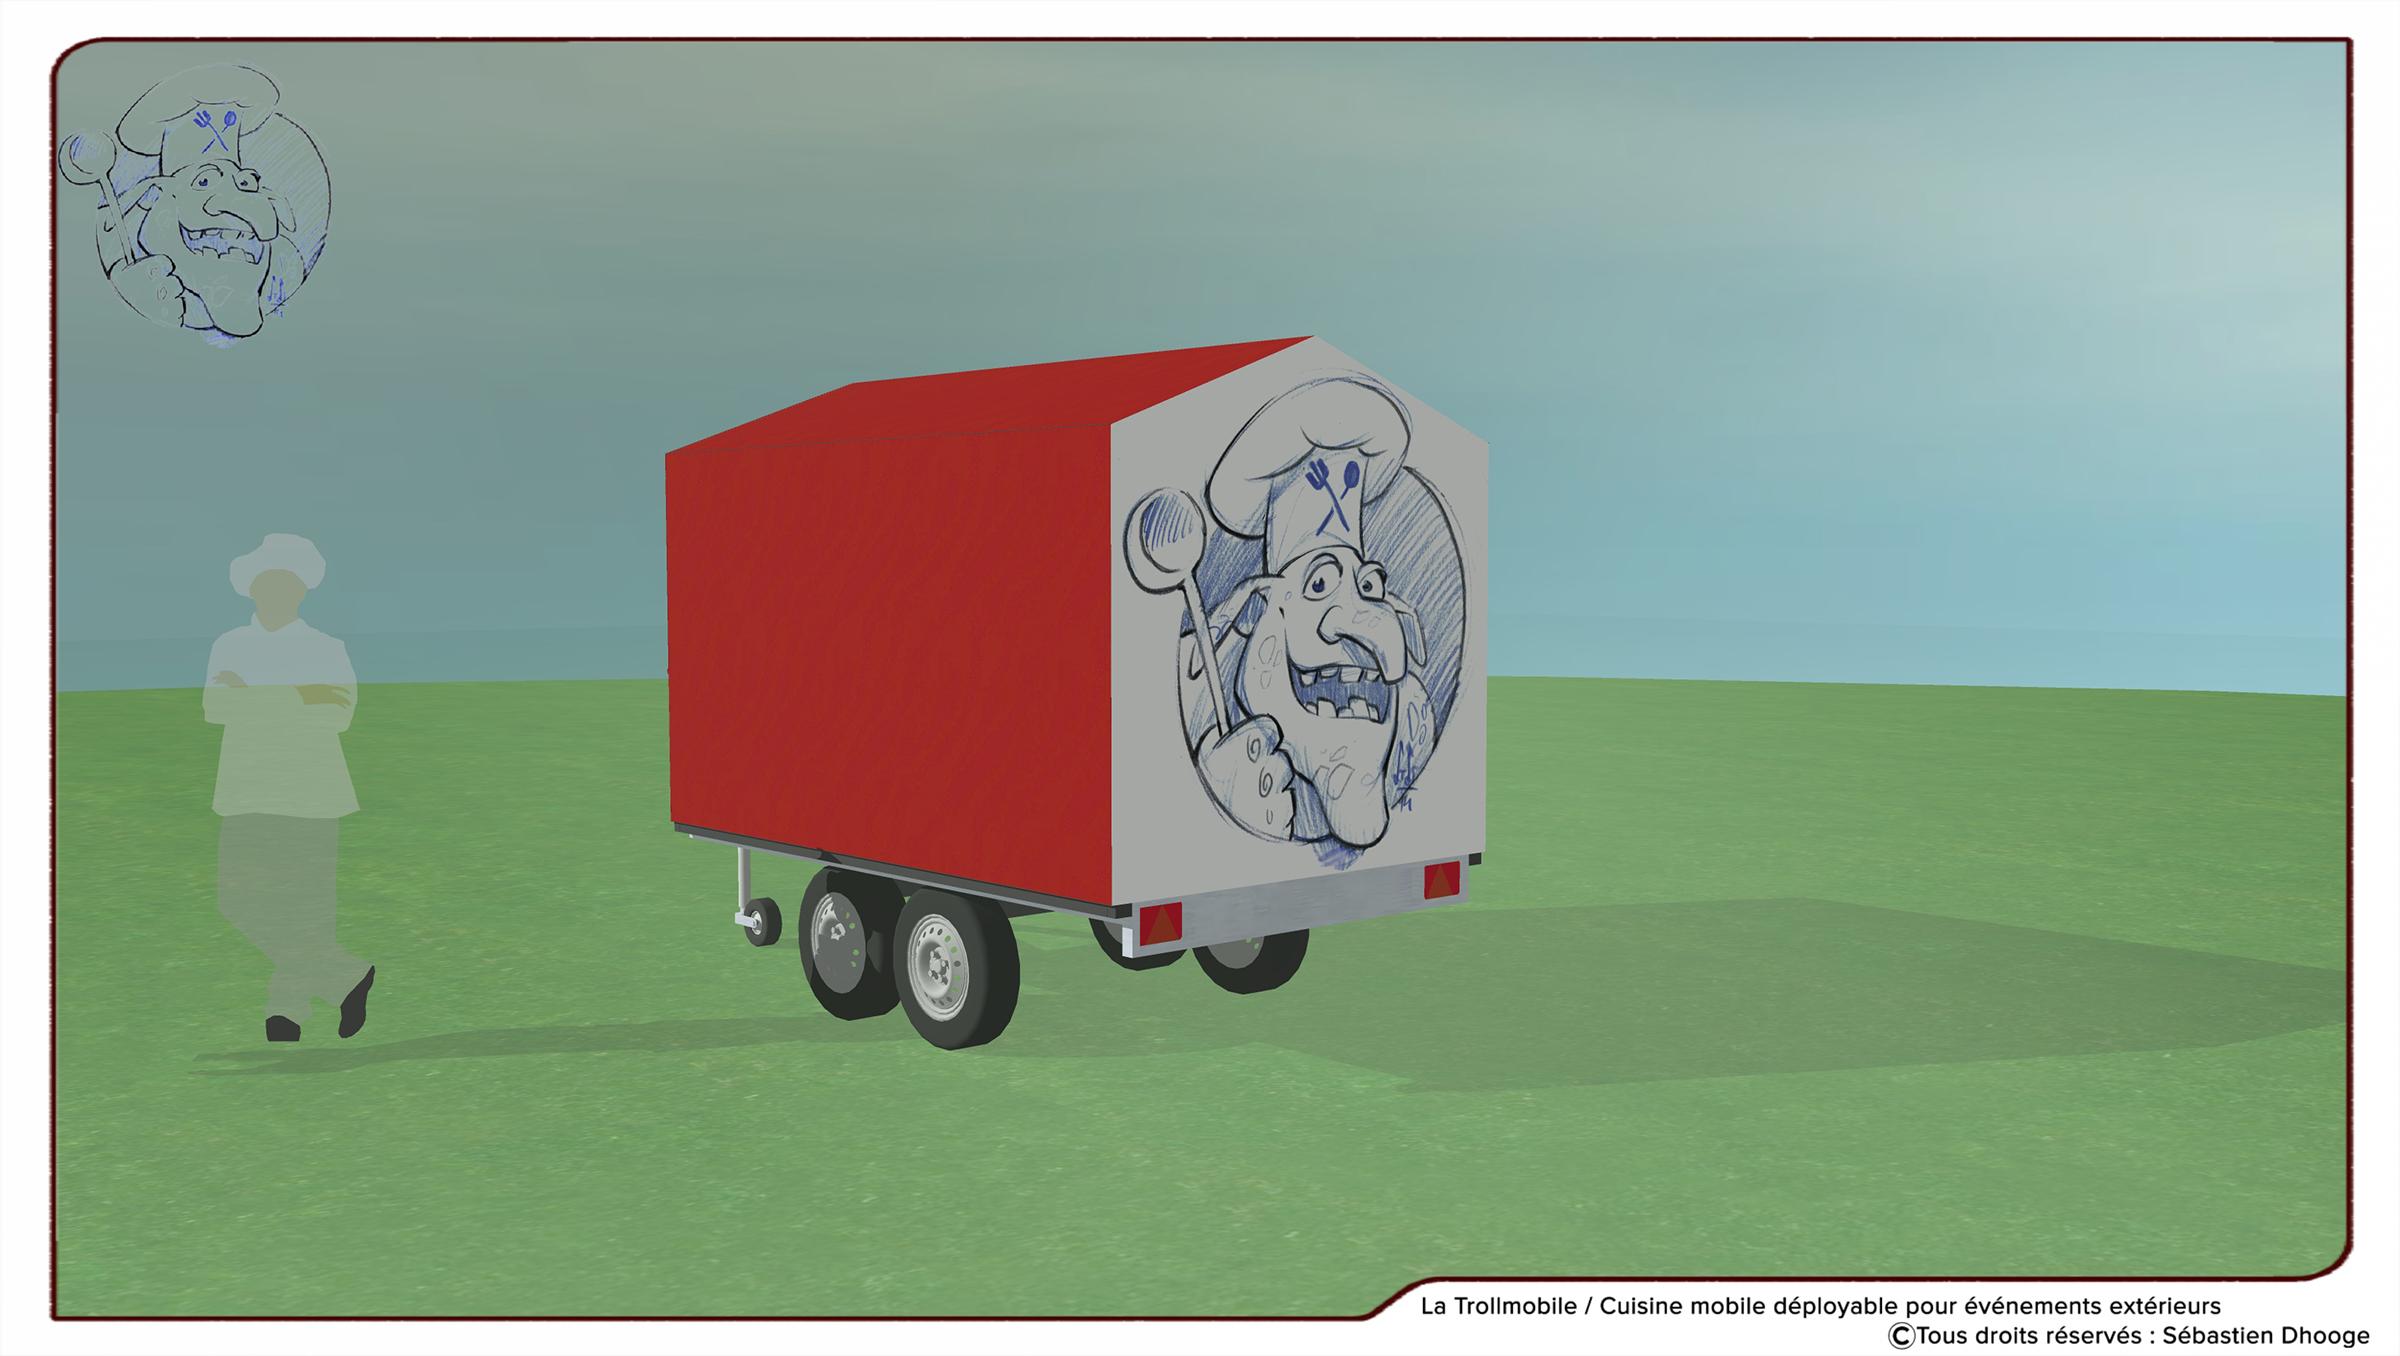 3d-trollmobileC-09-01-2015-vue1-fermée-2400